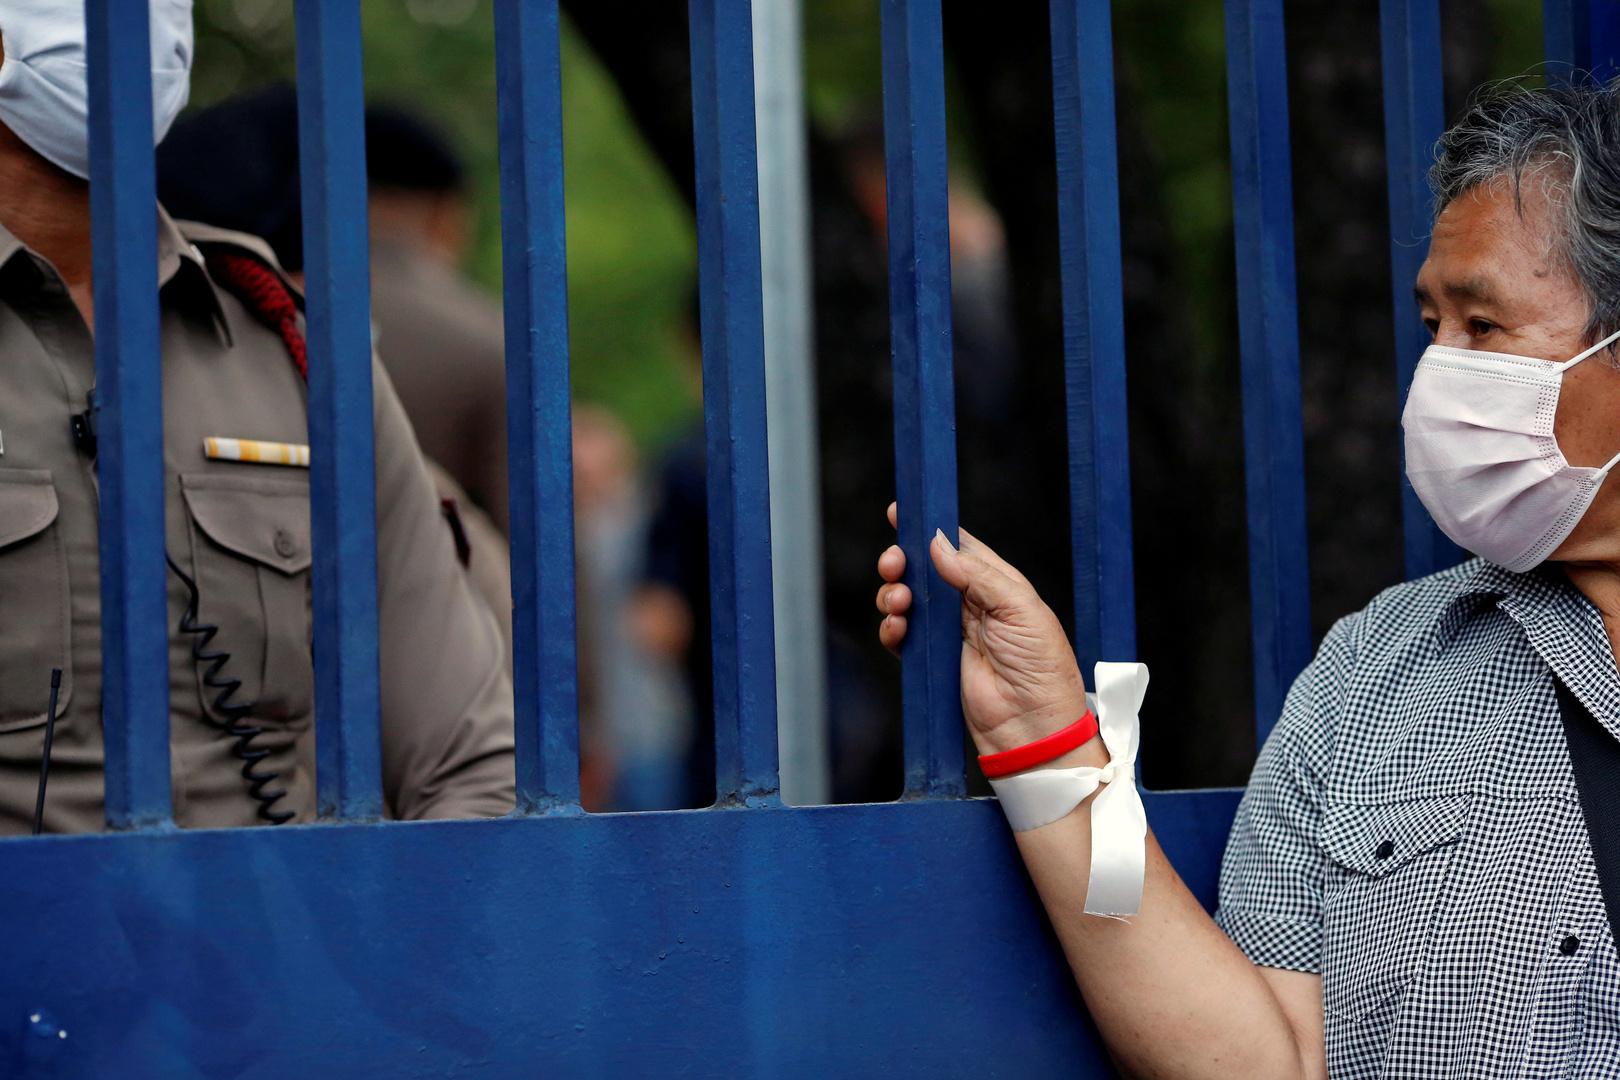 محكمة تايلاندية تفرج بكفالة عن 3 وزراء مدانين تم إقصاؤهم من الحكومة